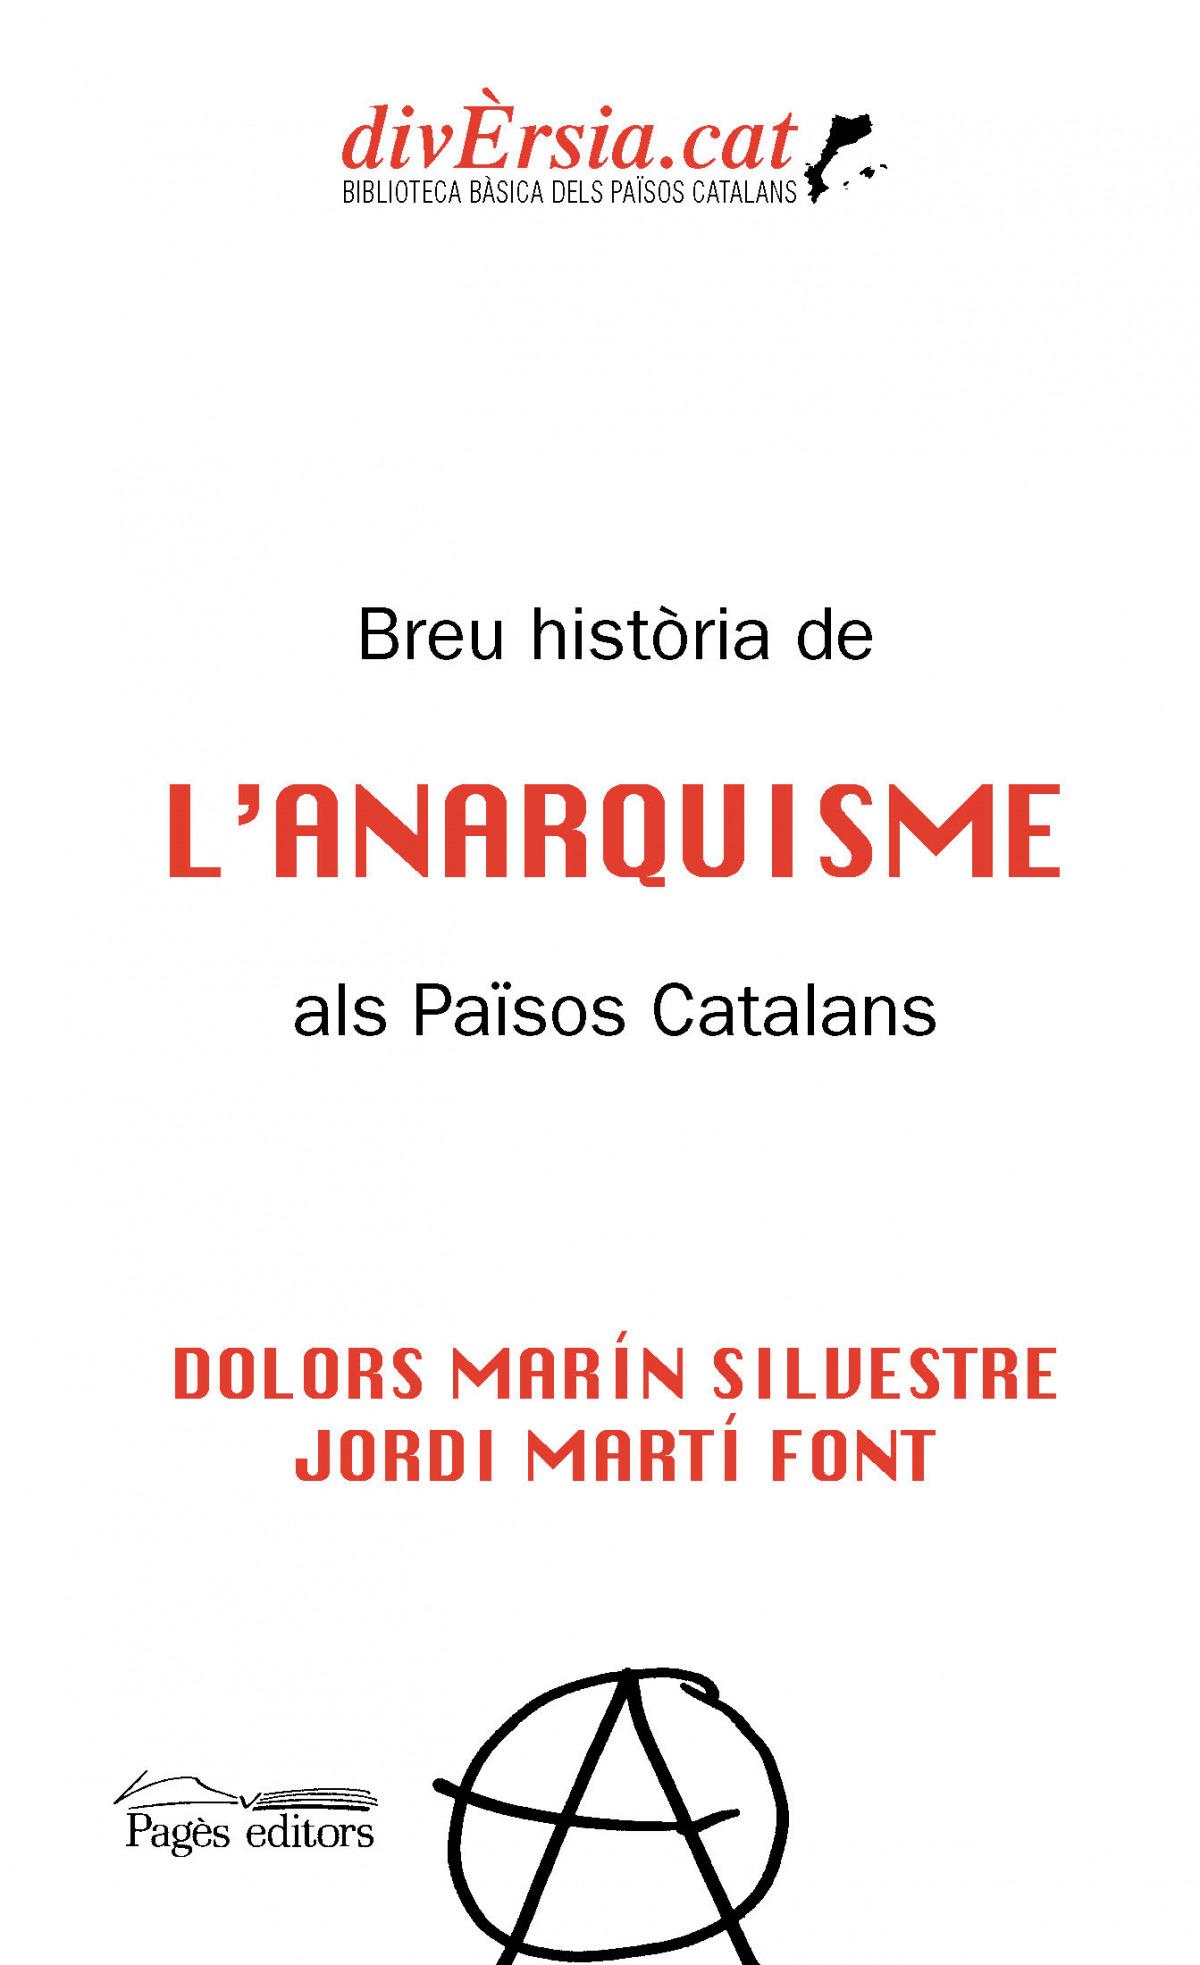 Breu història de l'anarquisme als Països Catalans